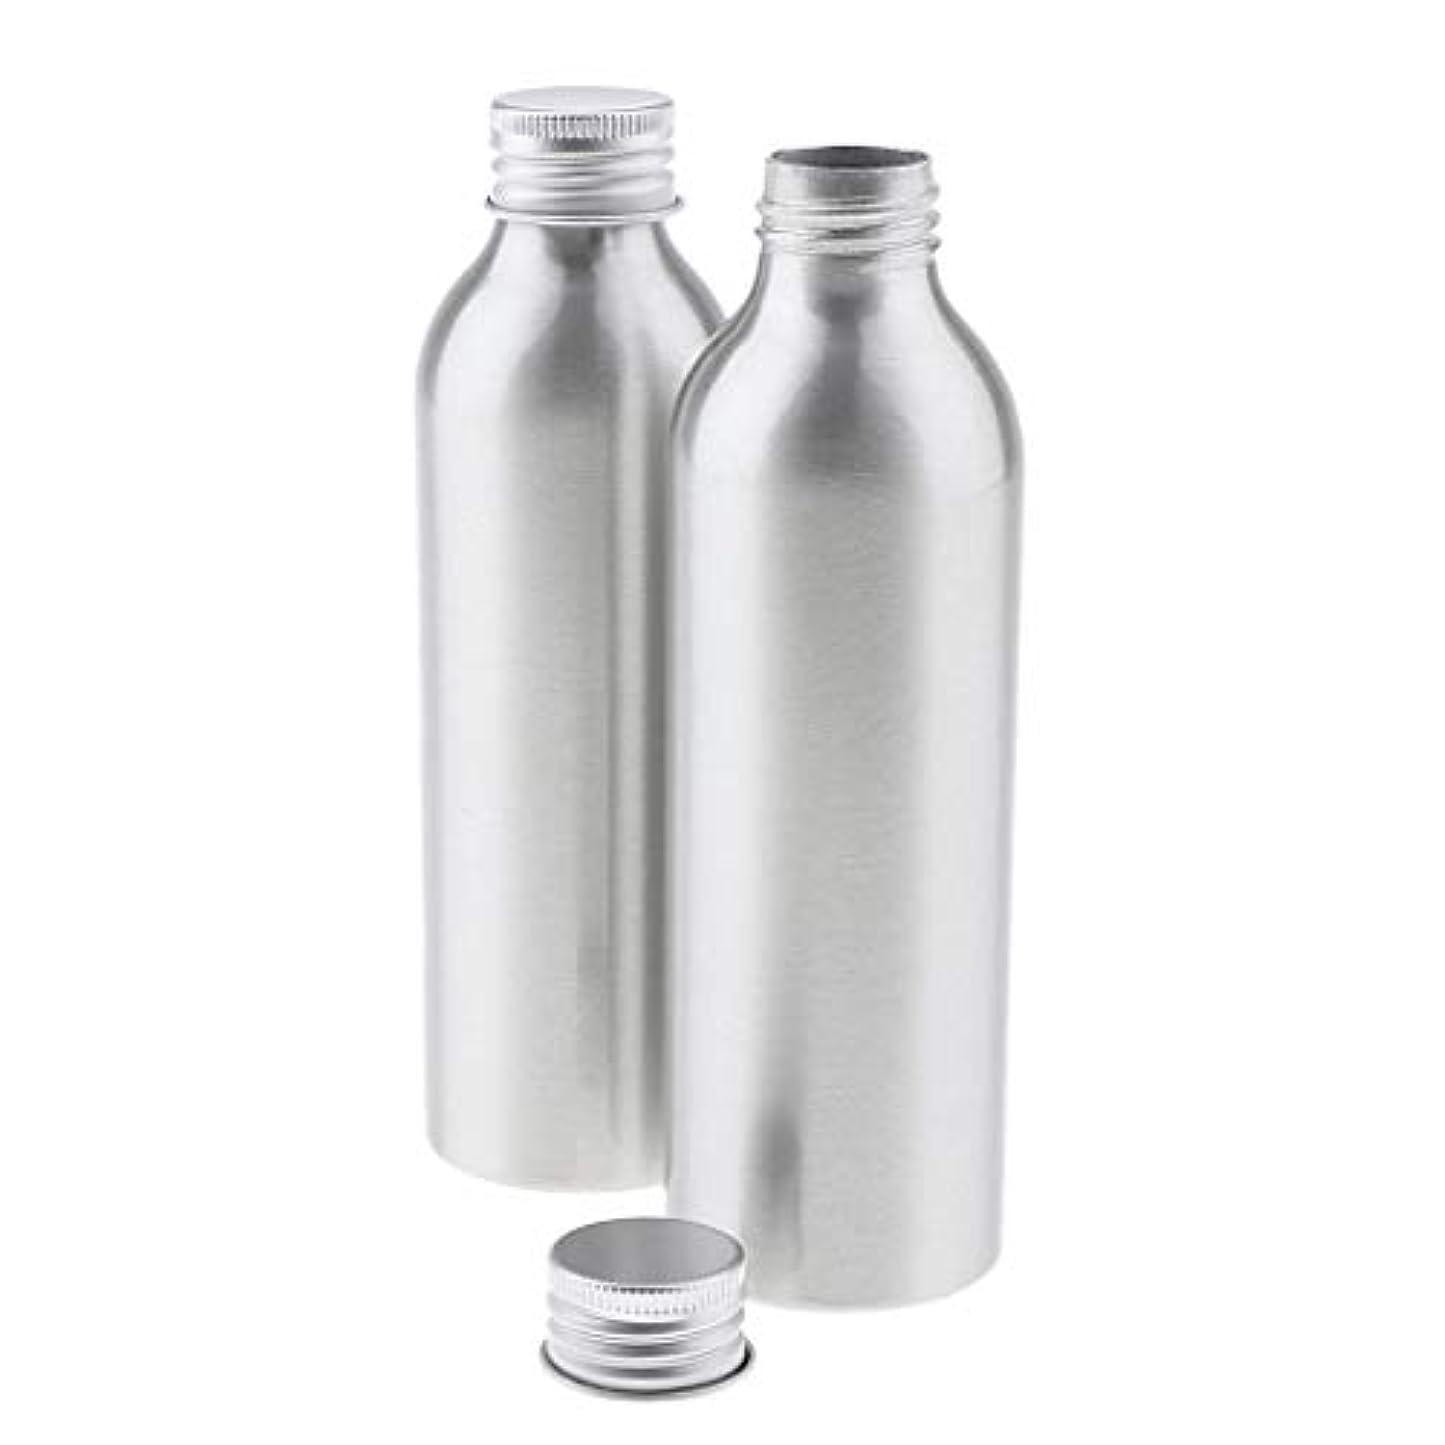 遺棄された韓国語曇った2本 アルミボトル シルバー 空ボトル 化粧品収納容器 ディスペンサーボトル 5サイズ選べ - 150ml